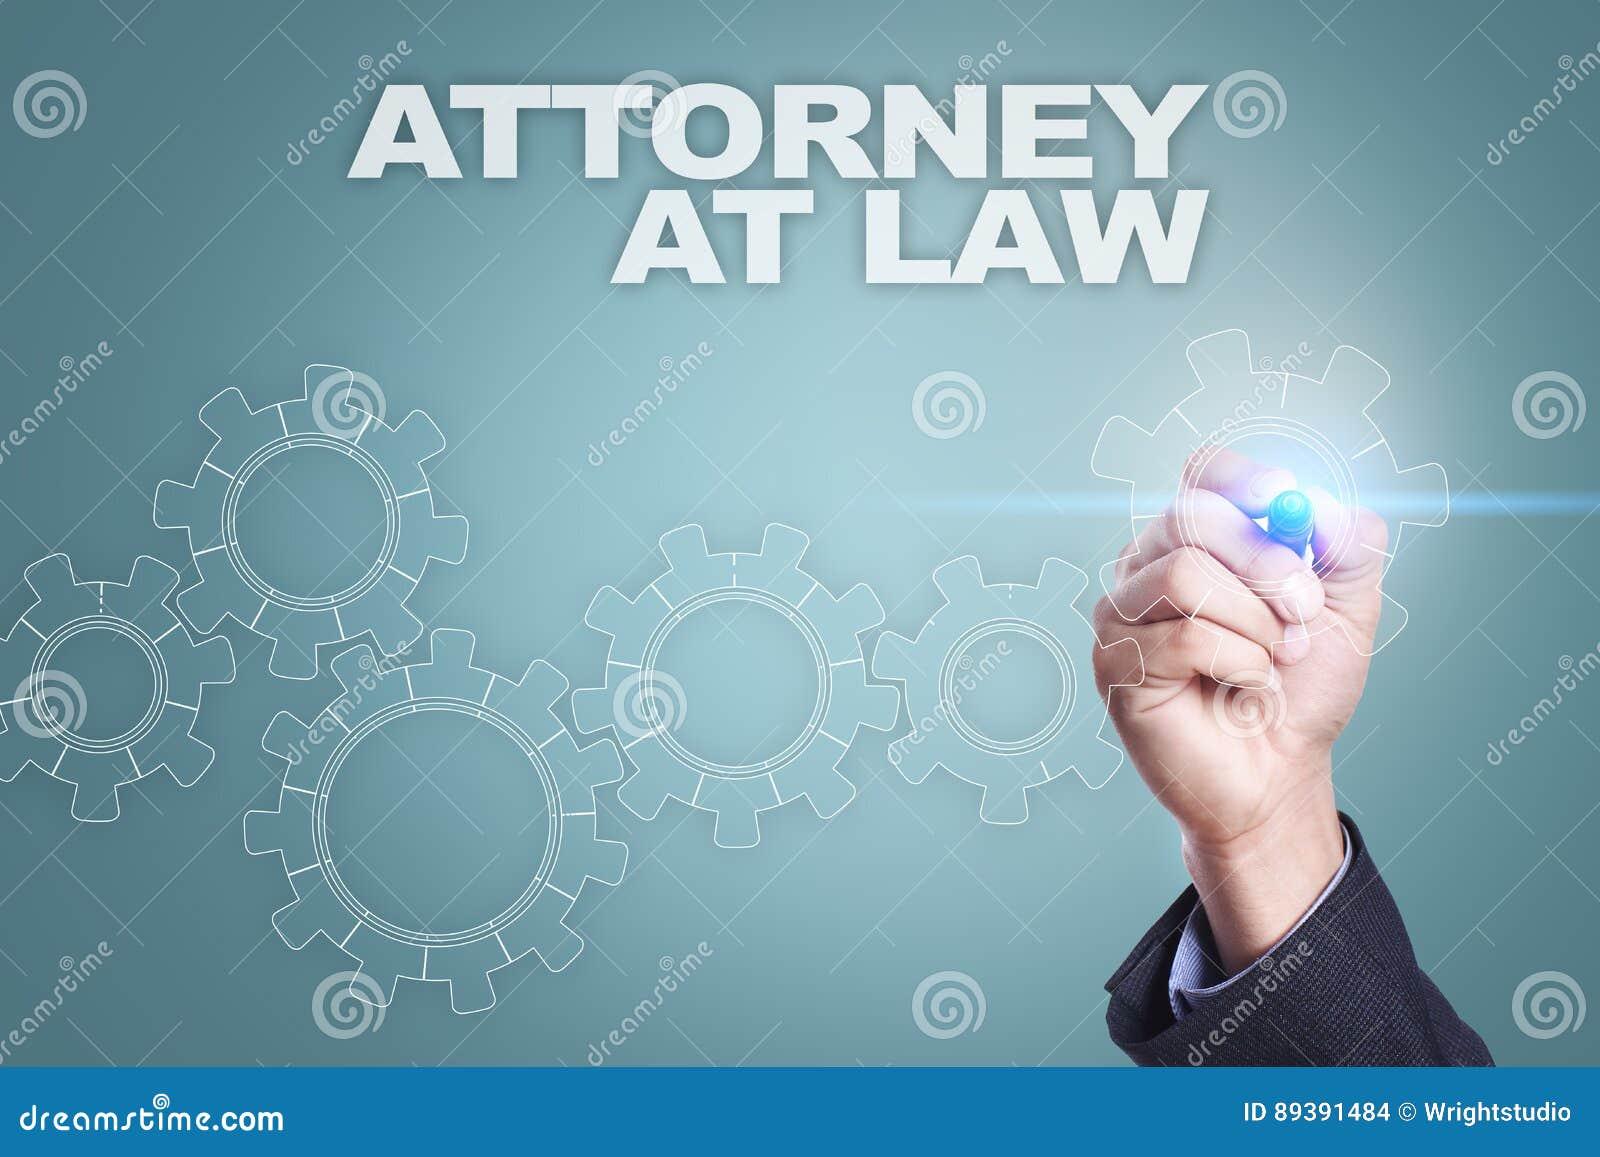 Desenho do homem de negócios na tela virtual advogado no conceito da lei